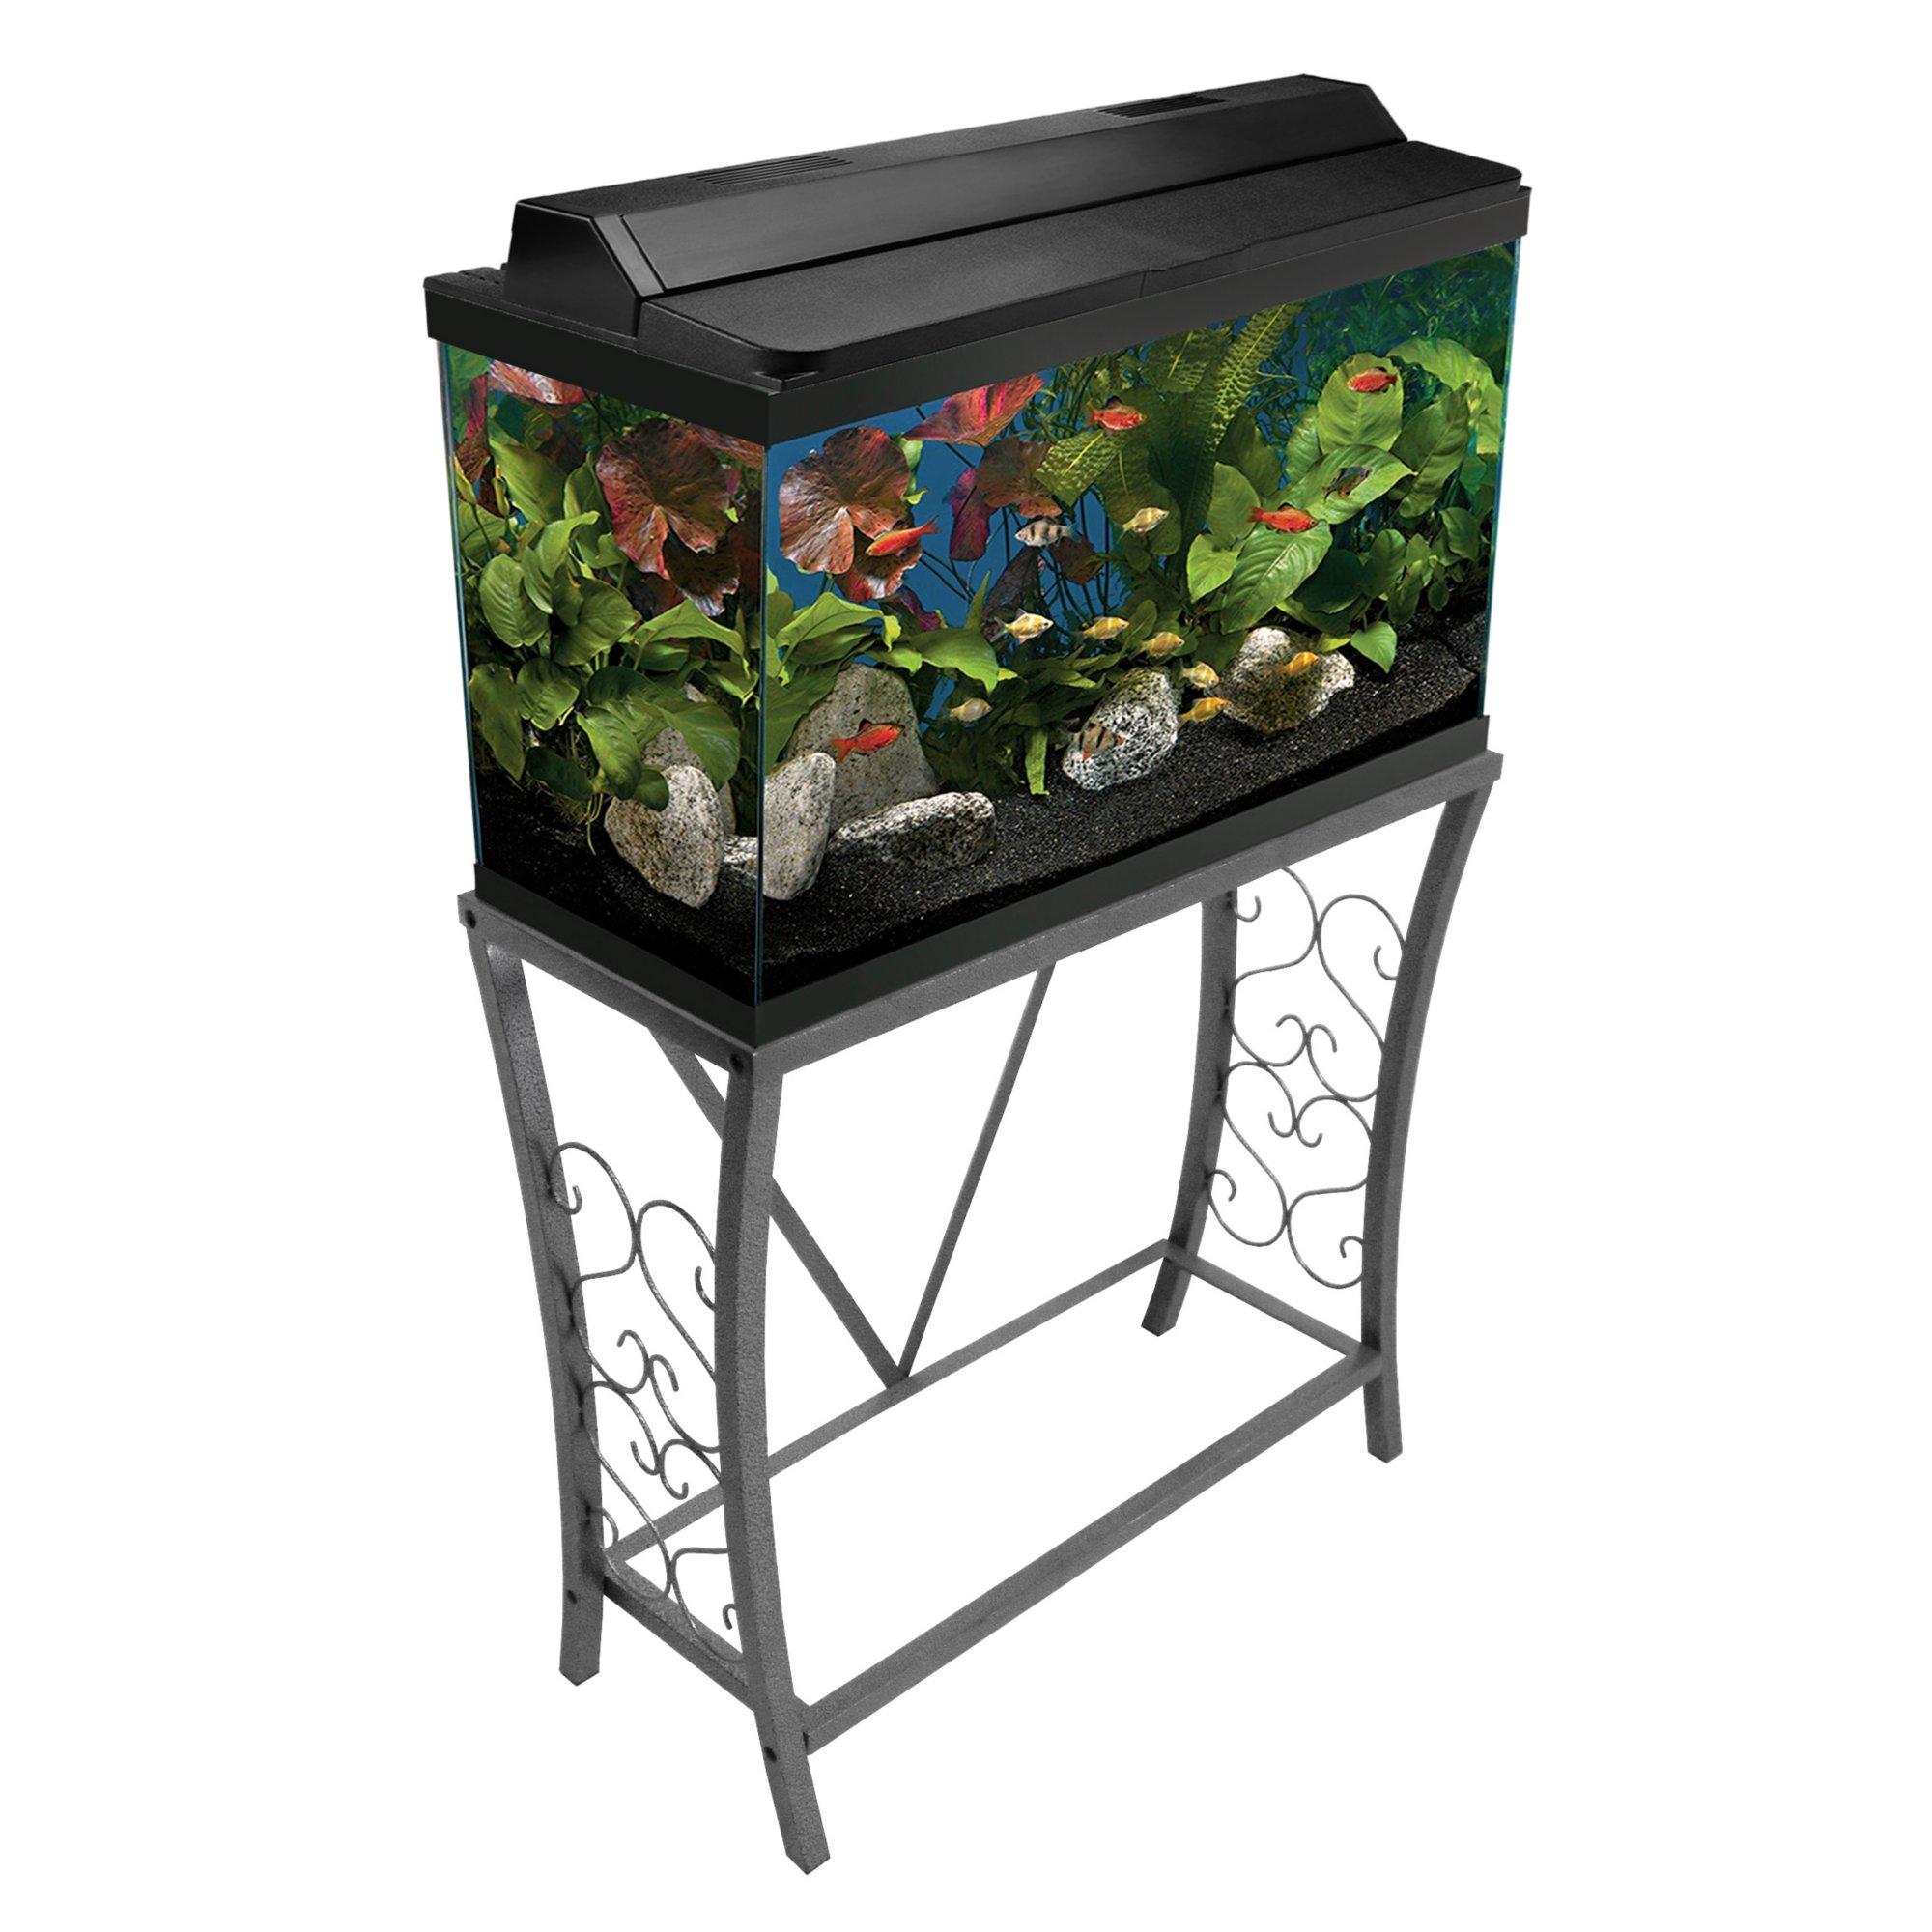 Aquatic fundamentals silver vein scroll aquarium stand 29 for Fish tank petco